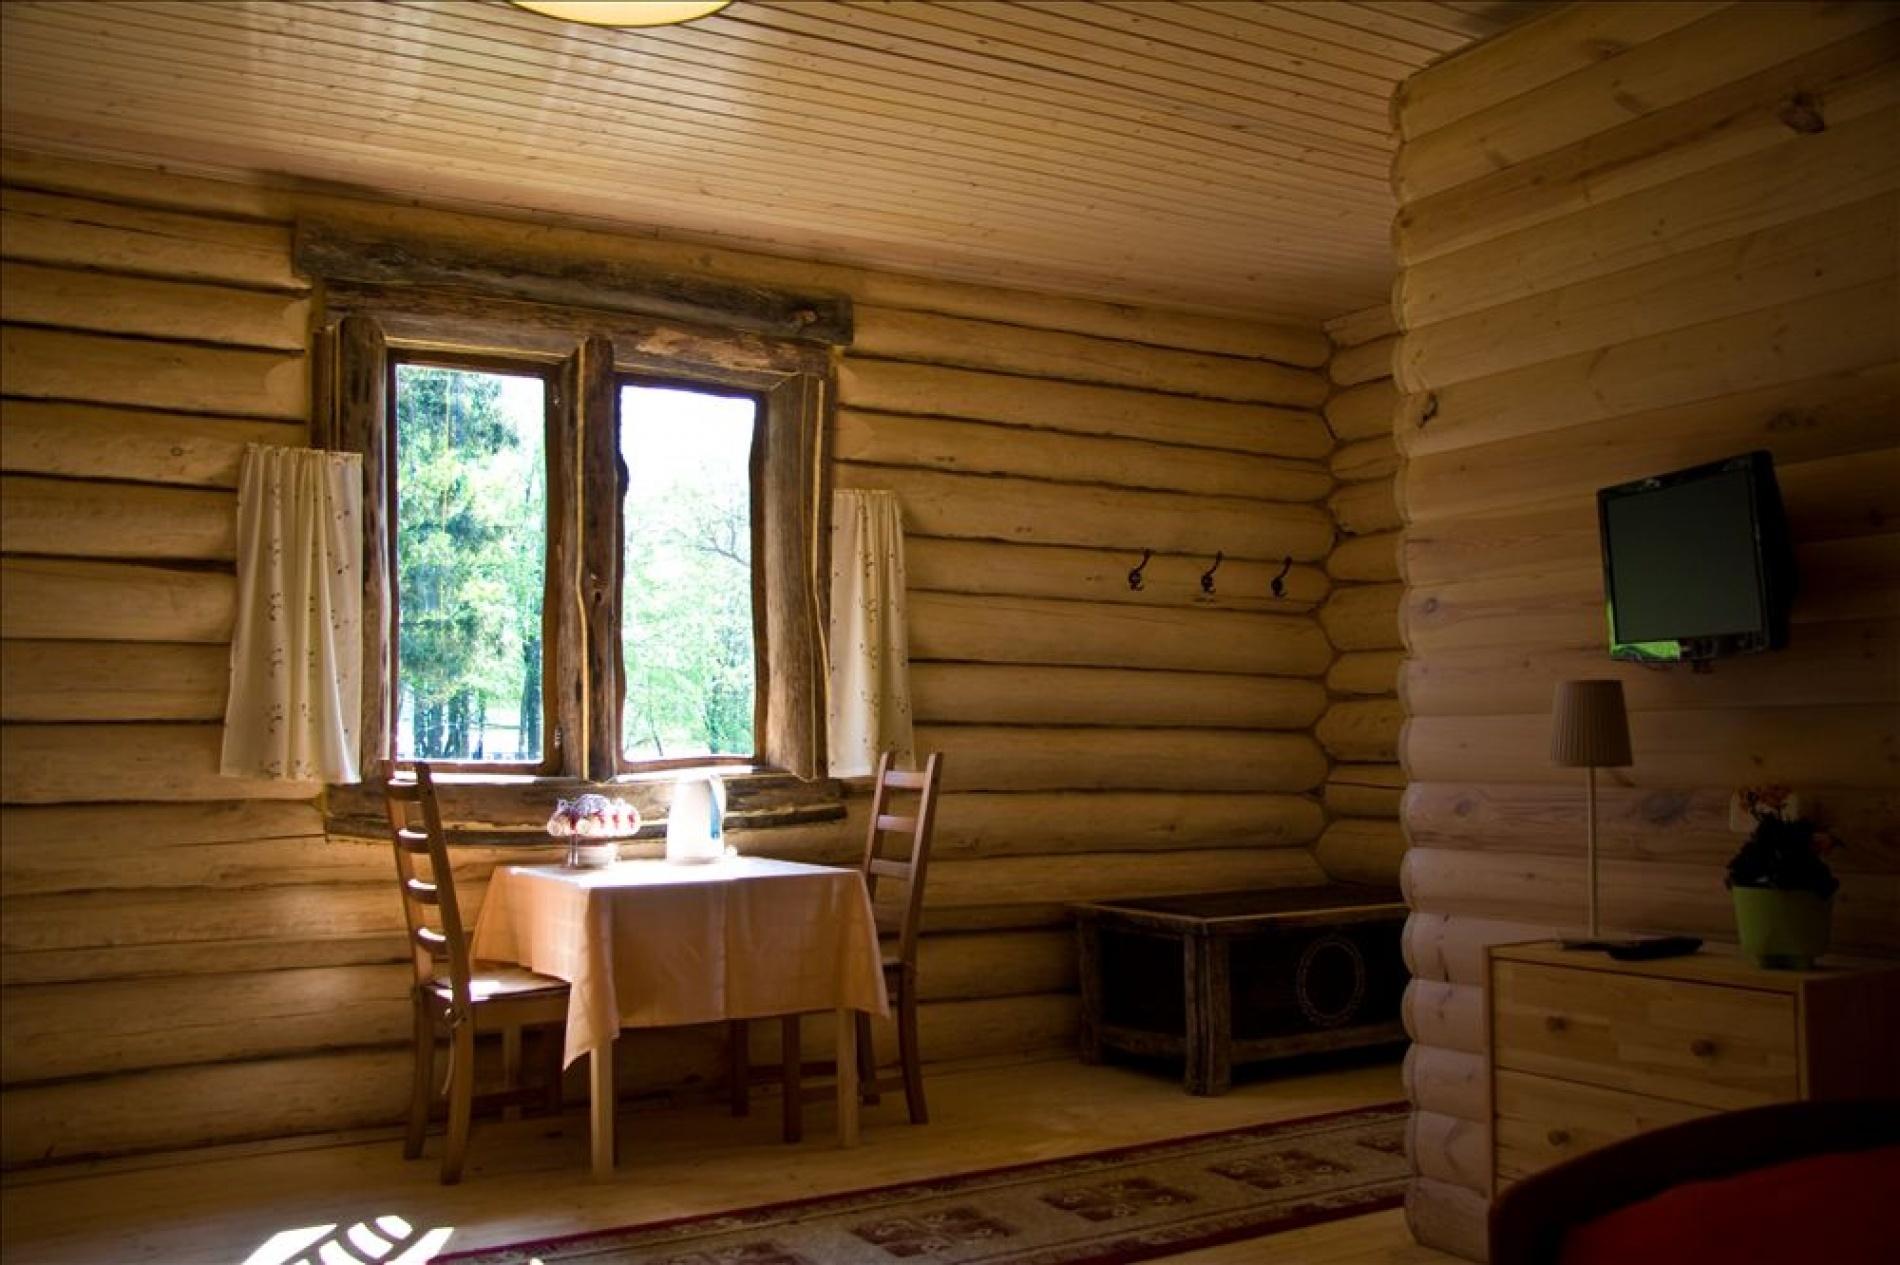 База отдыха «Сказка» Республика Башкортостан 4-местный дом, фото 4